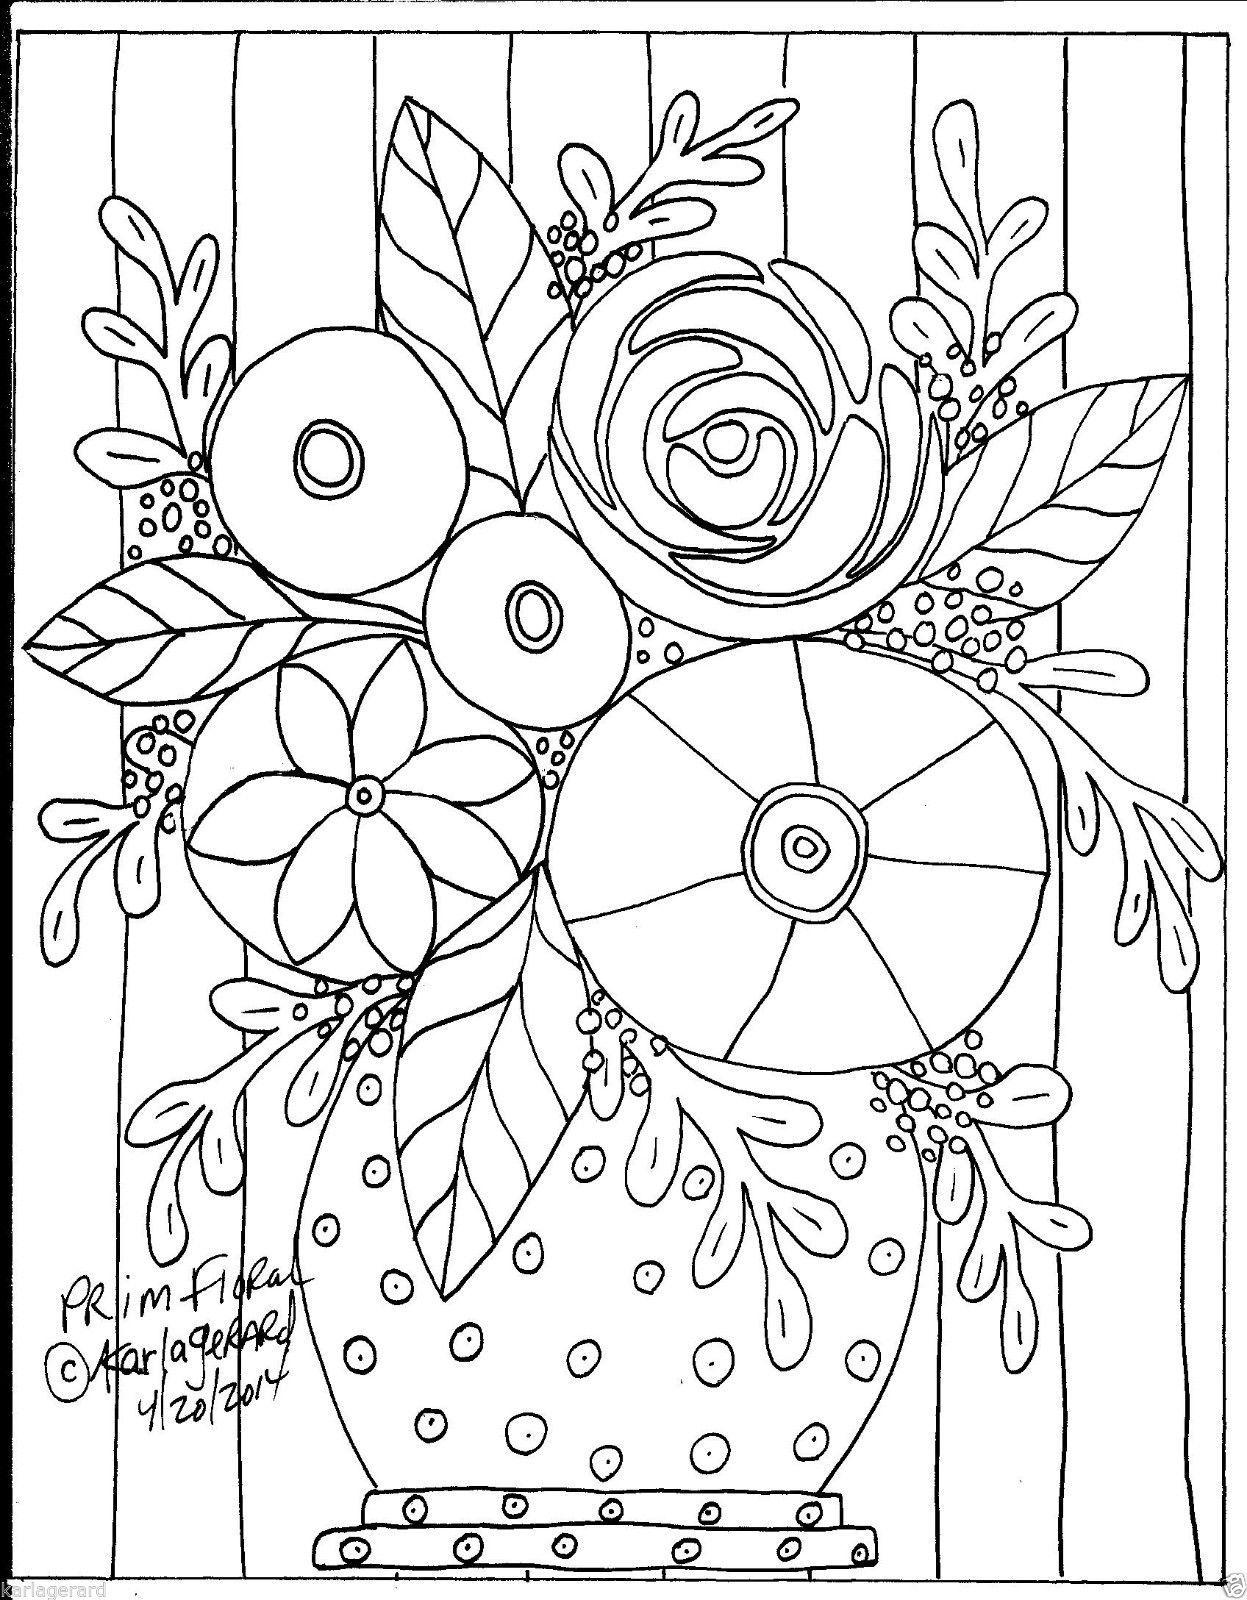 RUG HOOKING CRAFT PAPER PATTERN Prim Floral FOLK ART PRIMITIVE Karla ...